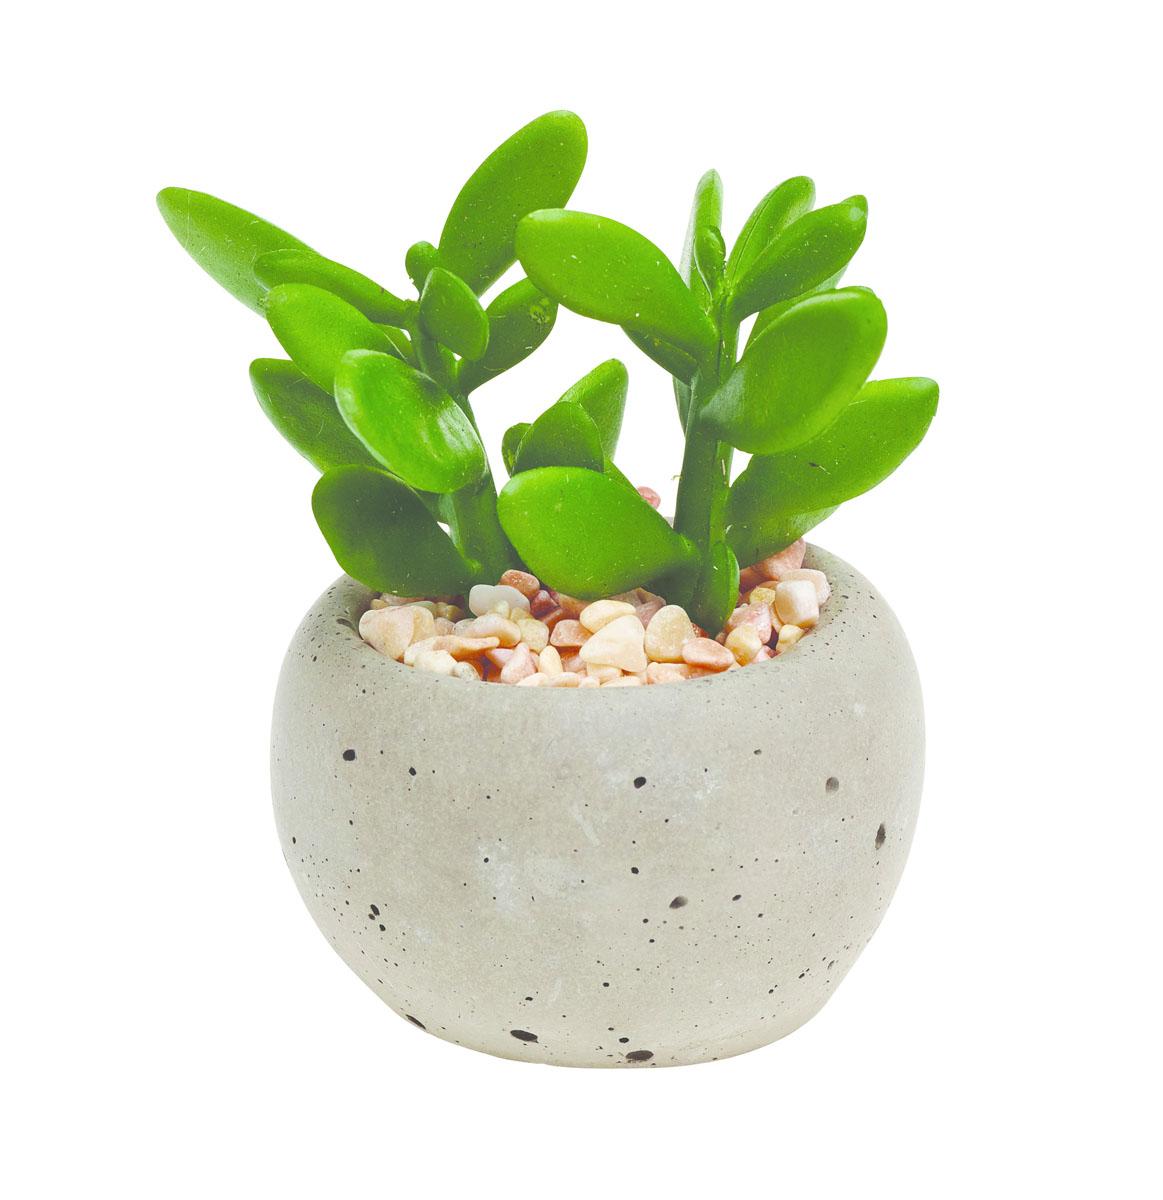 Растение суккулентное Gardman, в круглом горшке, 8,5 х 6 см. 02860-102860-1Искусственное растение в круглом горшке Gardman оригинально дополнит интерьер помещения, украсит террасу, балкон, задний дворик, сад. Растение, выполненное из пластика, выглядит очень реалистично и устойчиво к любым погодным воздействиям.